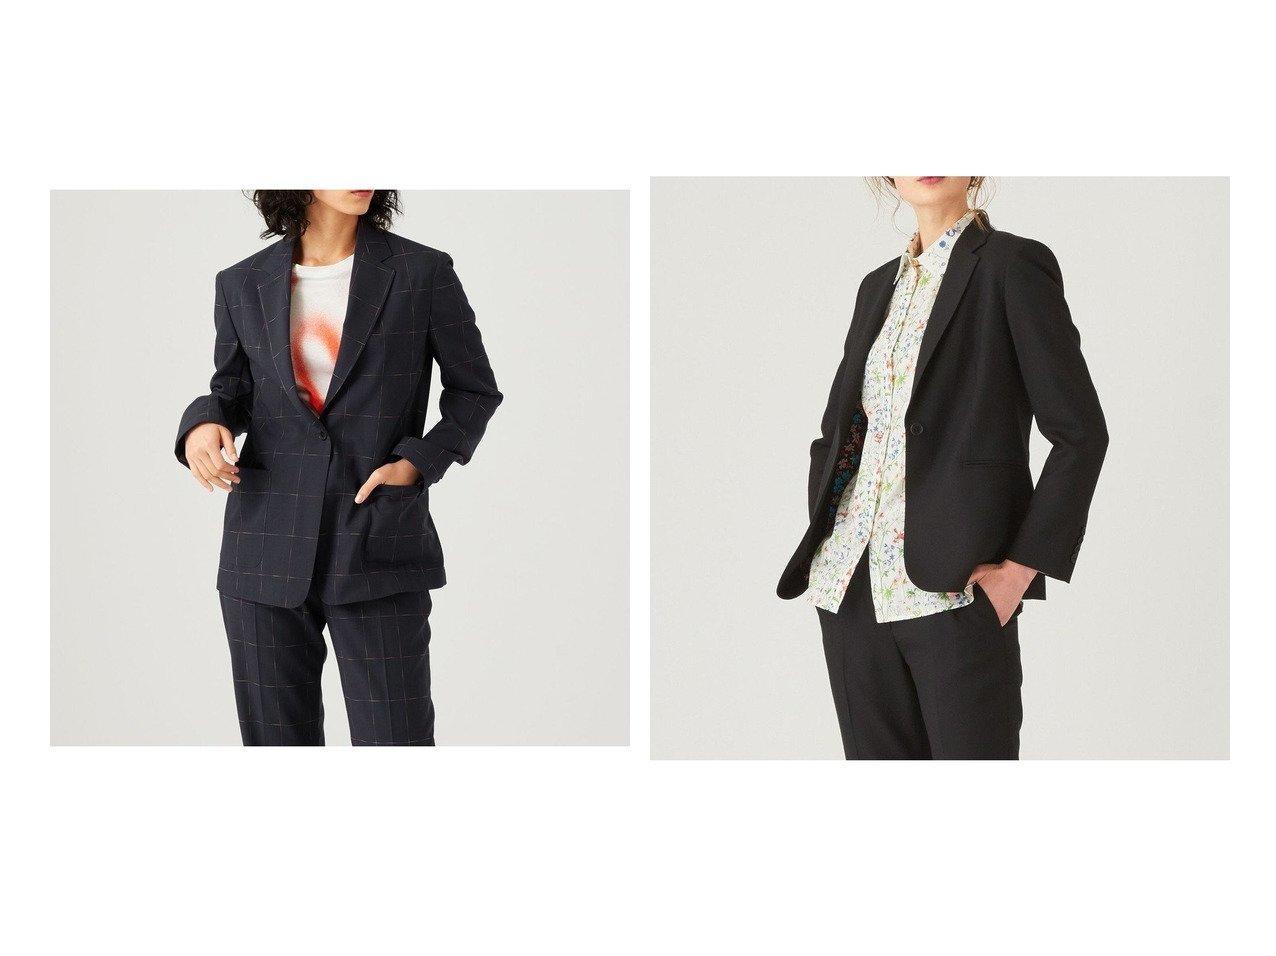 【Paul Smith/ポール スミス】の【セットアップ対応】ソリッドトラベルスーツ ジャケット&【セットアップ対応】カスリライトウェイト スーツ ジャケット 【アウター】おすすめ!人気、トレンド・レディースファッションの通販 おすすめで人気の流行・トレンド、ファッションの通販商品 インテリア・家具・メンズファッション・キッズファッション・レディースファッション・服の通販 founy(ファニー) https://founy.com/ ファッション Fashion レディースファッション WOMEN アウター Coat Outerwear ジャケット Jackets テーラードジャケット Tailored Jackets スーツ Suits スーツ ジャケット Jacket スーツセット Suit Sets 送料無料 Free Shipping おすすめ Recommend ジャケット ストレッチ スーツ セットアップ パッチ ポケット 軽量 人気 パターン フィット プリント ベーシック リラックス |ID:crp329100000061537